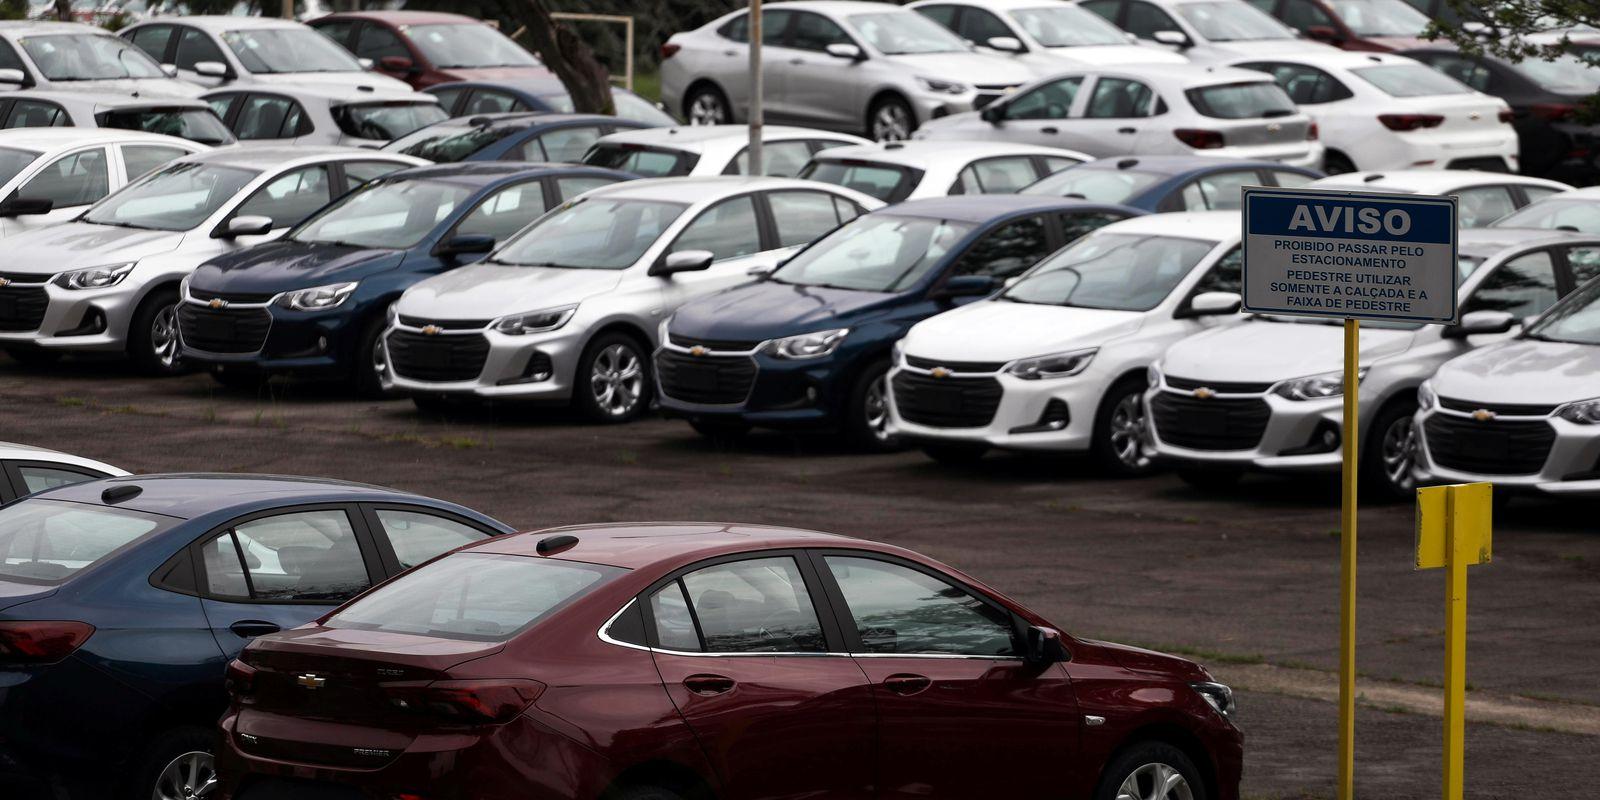 Carros novos em pátio de fábrica da General Motors em São José dos Campos (SP)